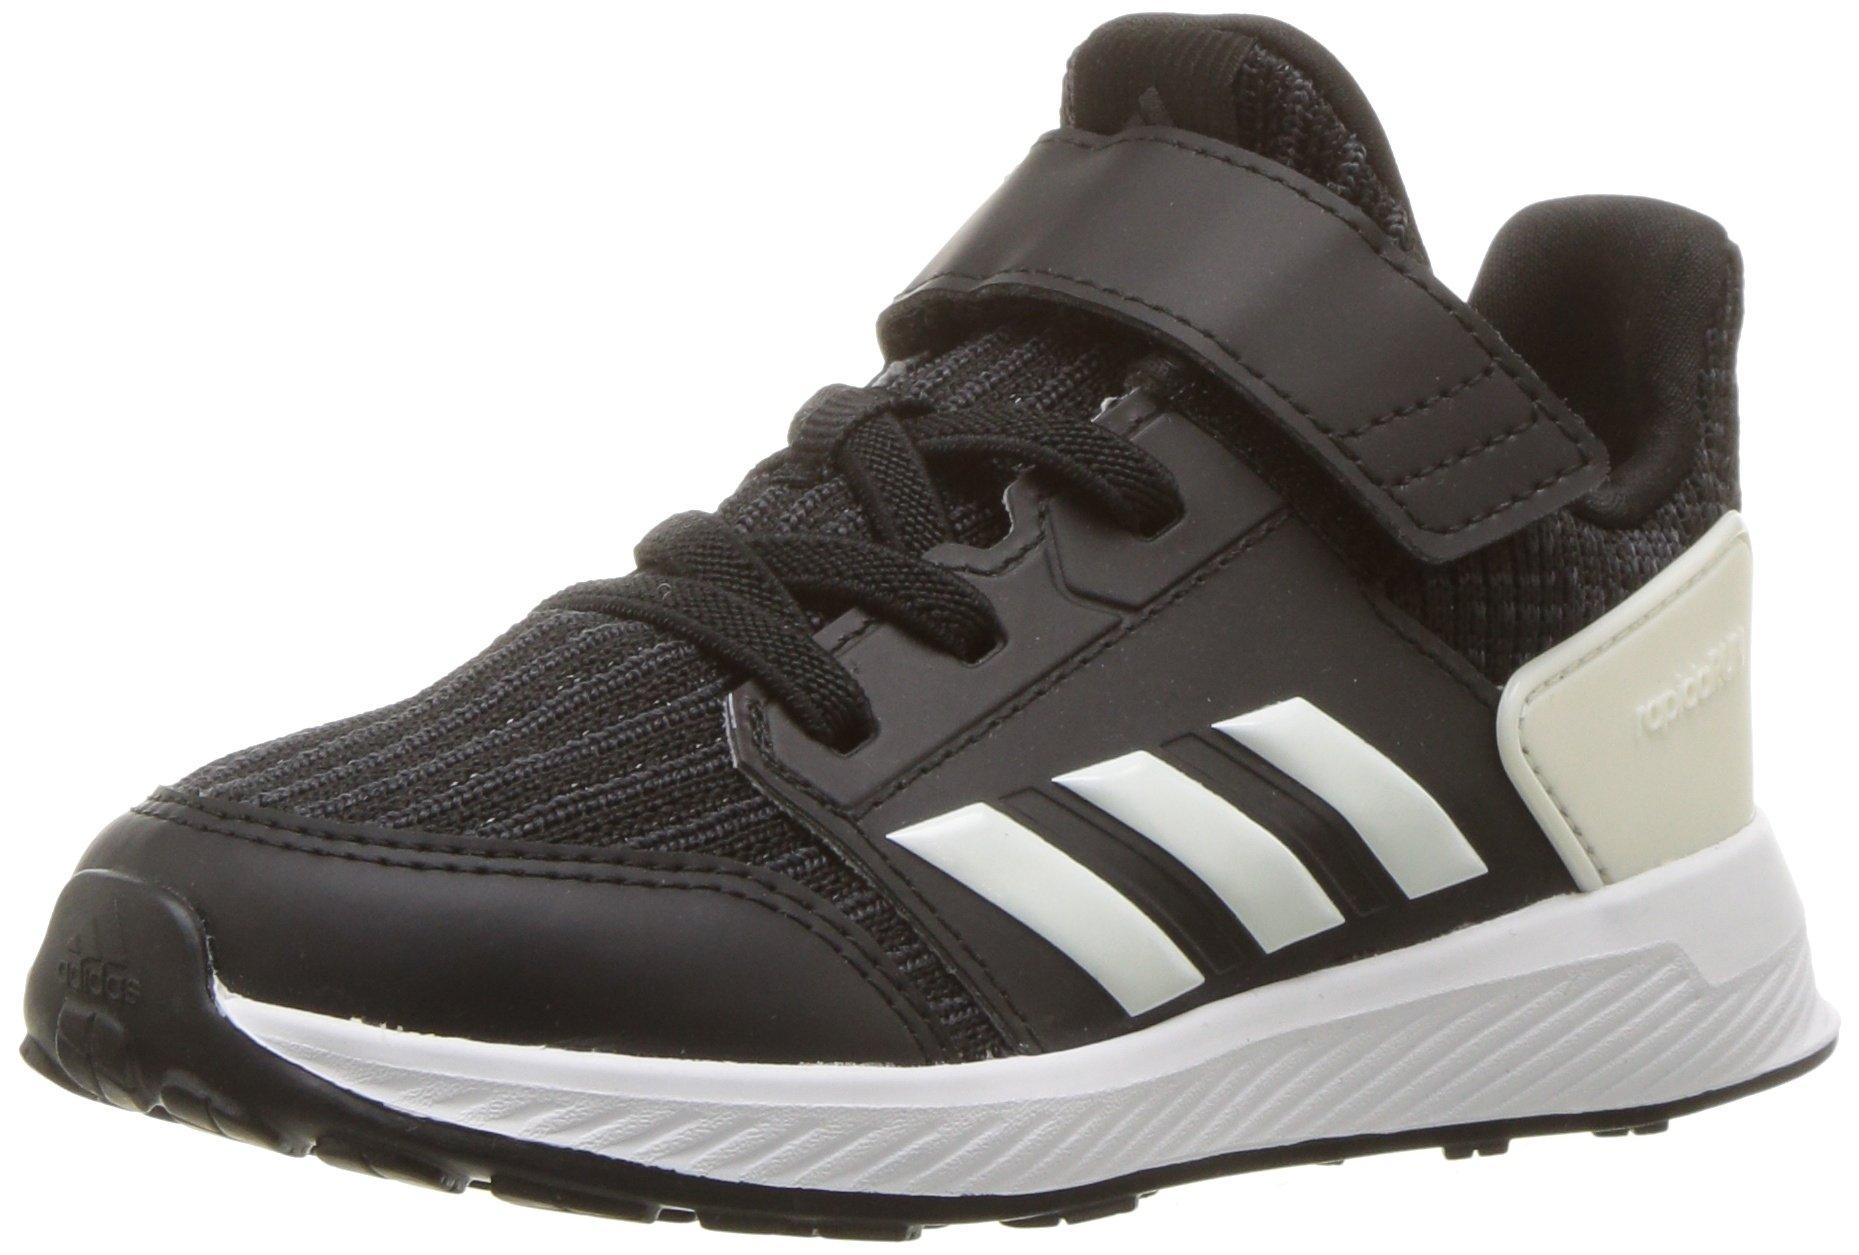 adidas Originals Baby Rapidarun Running Shoe, Black/Cloud White/Carbon, 5.5K M US Toddler